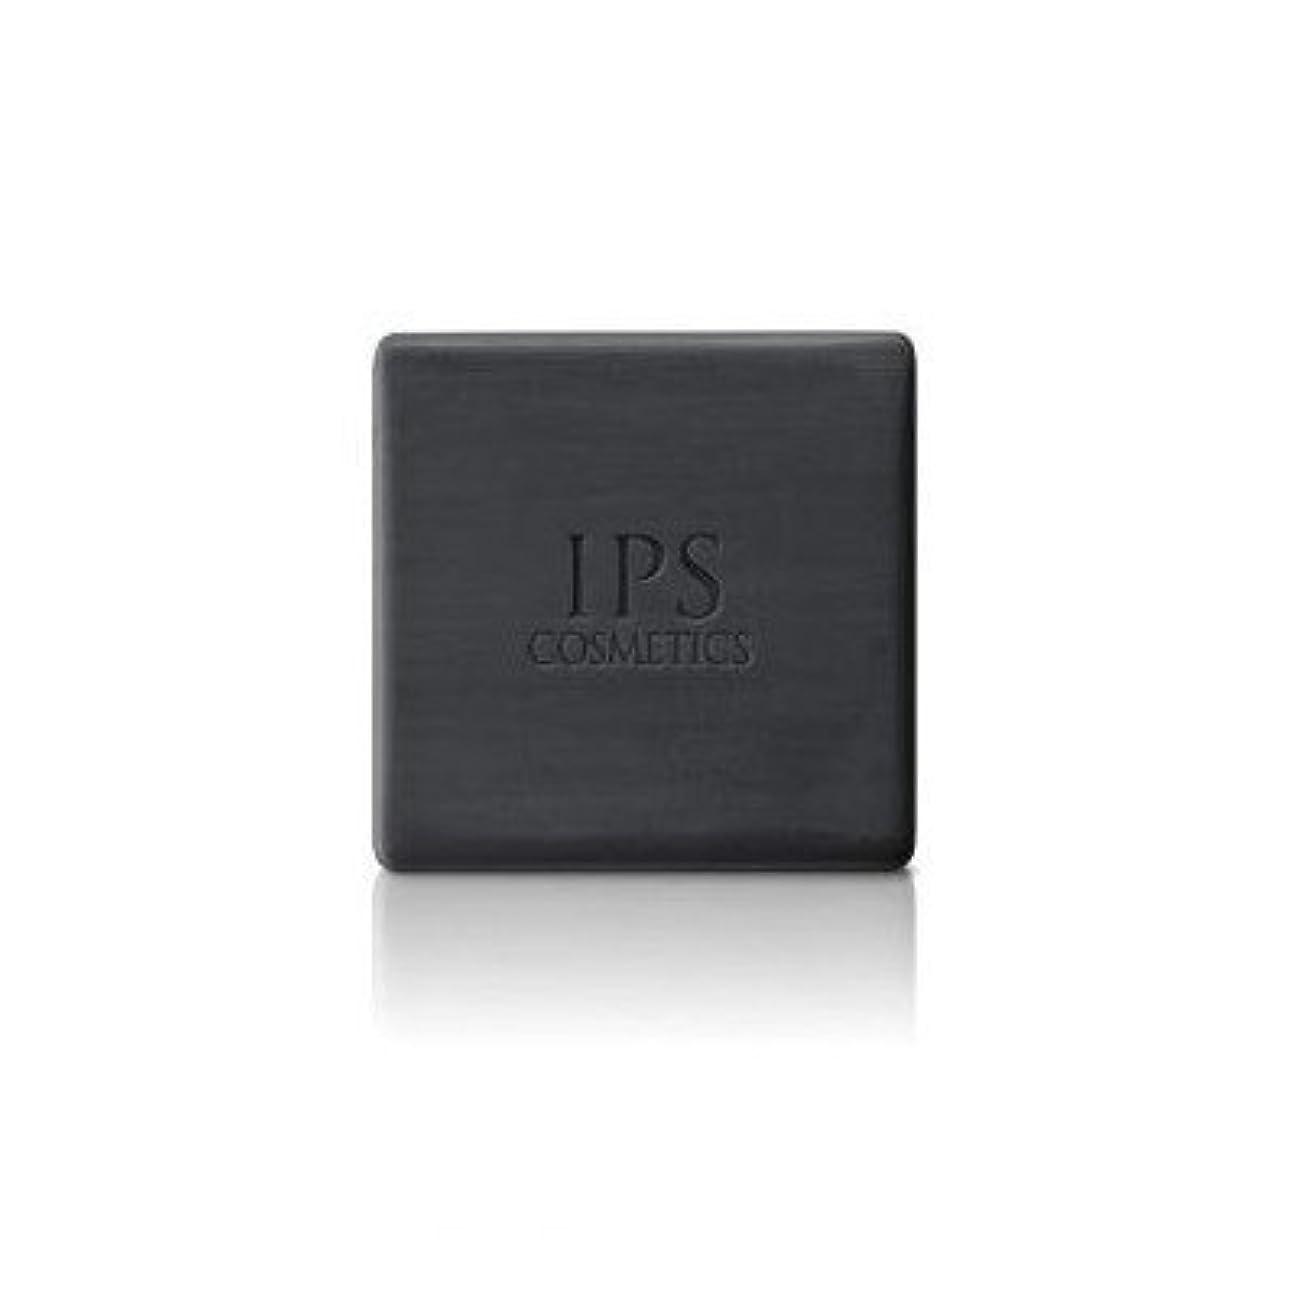 後方活性化上にIPS コンディショニングバー 洗顔石鹸 120g